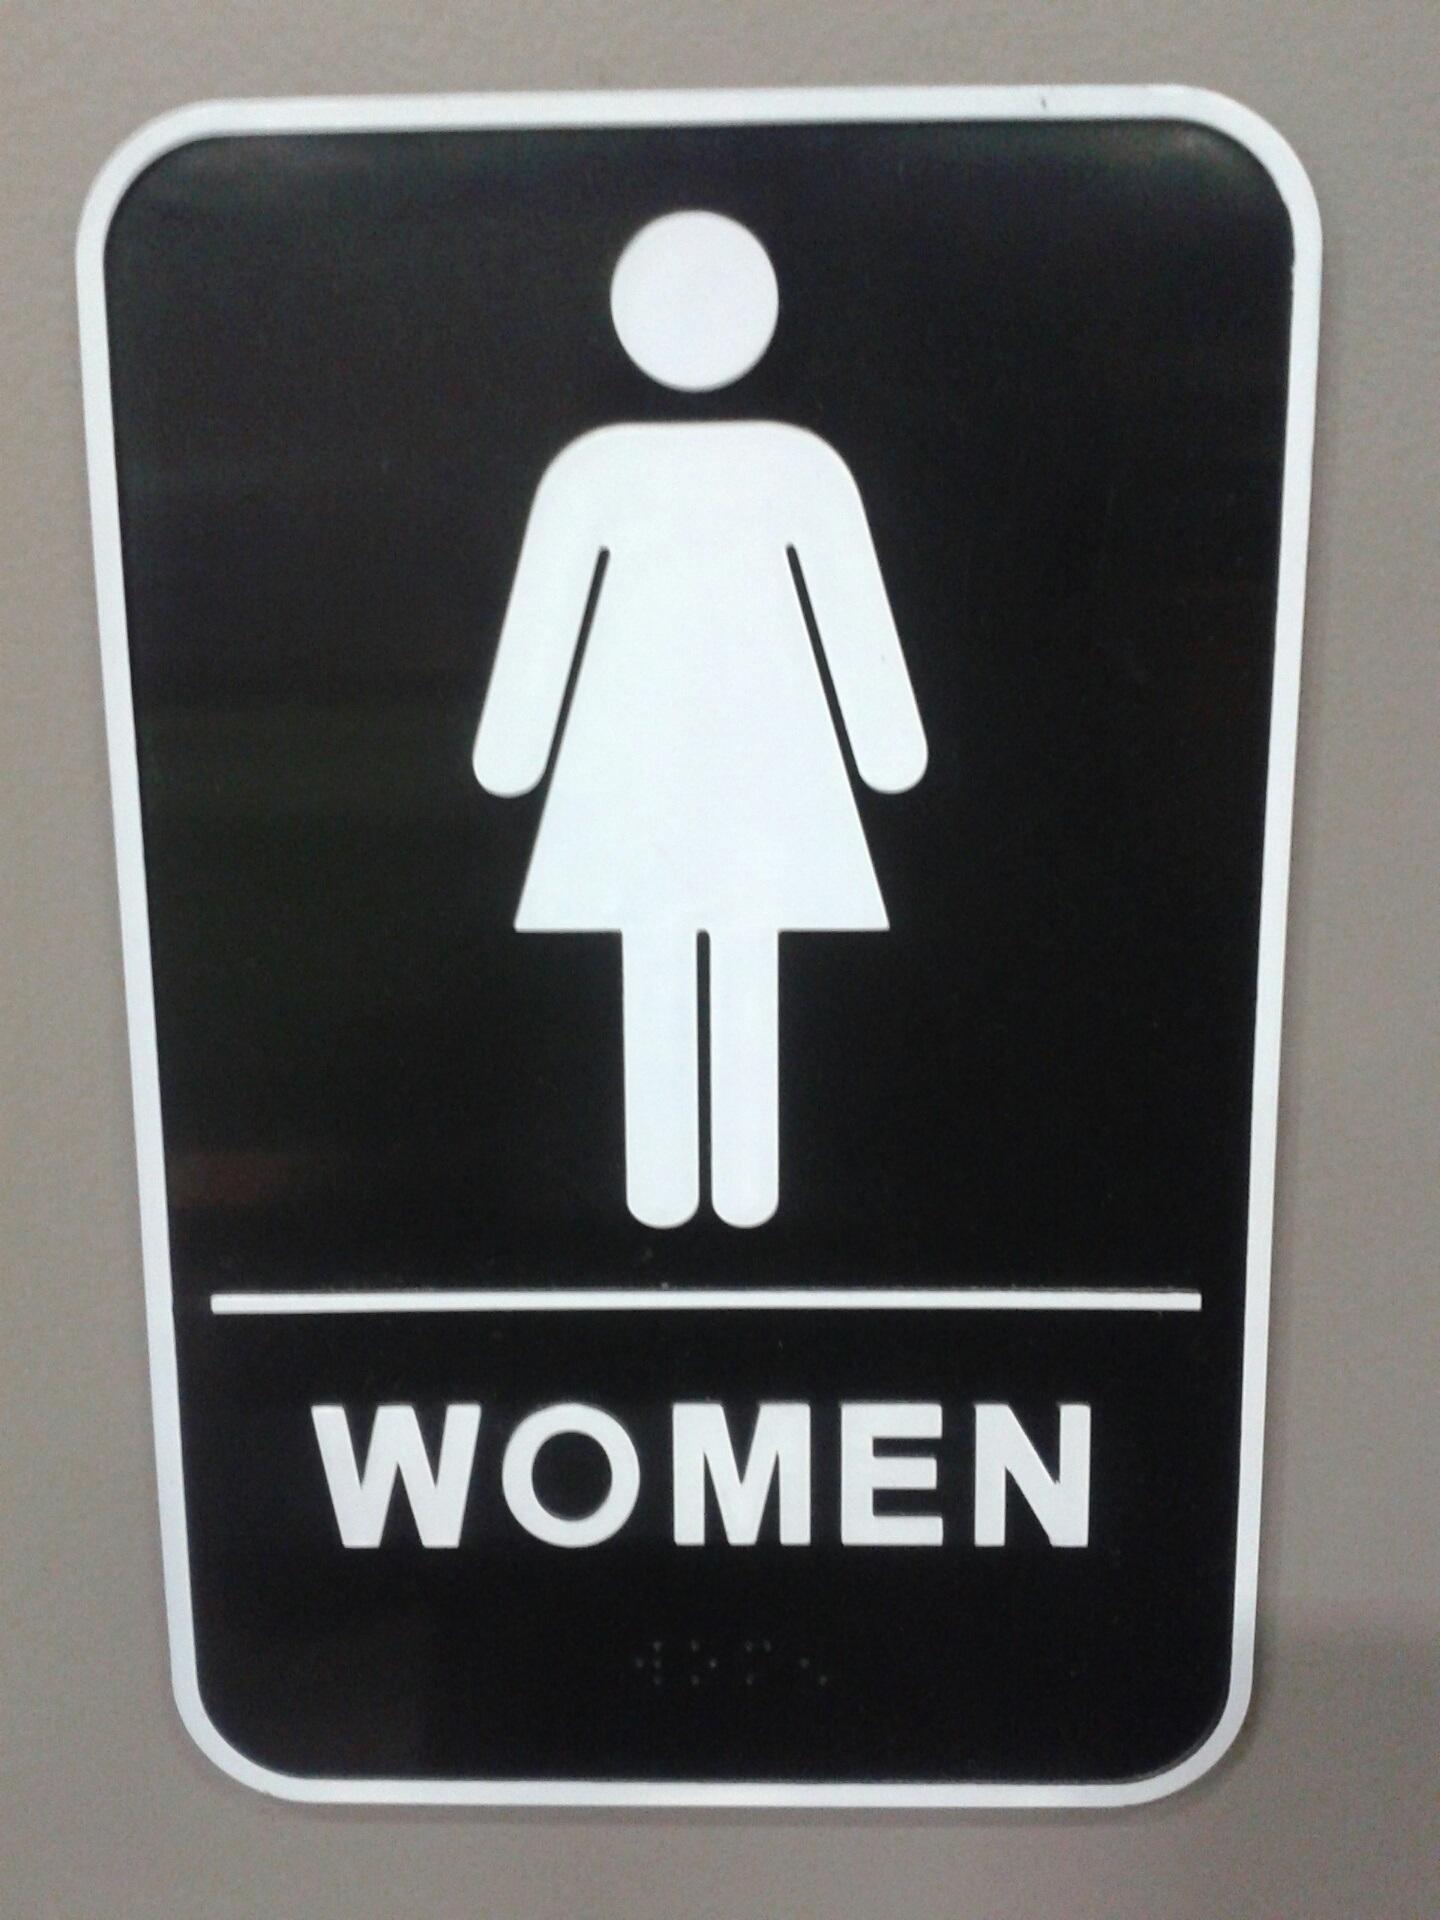 Wanita Jumlah Tanda Simbol Signage Label Merek R Mandi Fon Eksterior Otomotif Kendaraan Plat Rumah